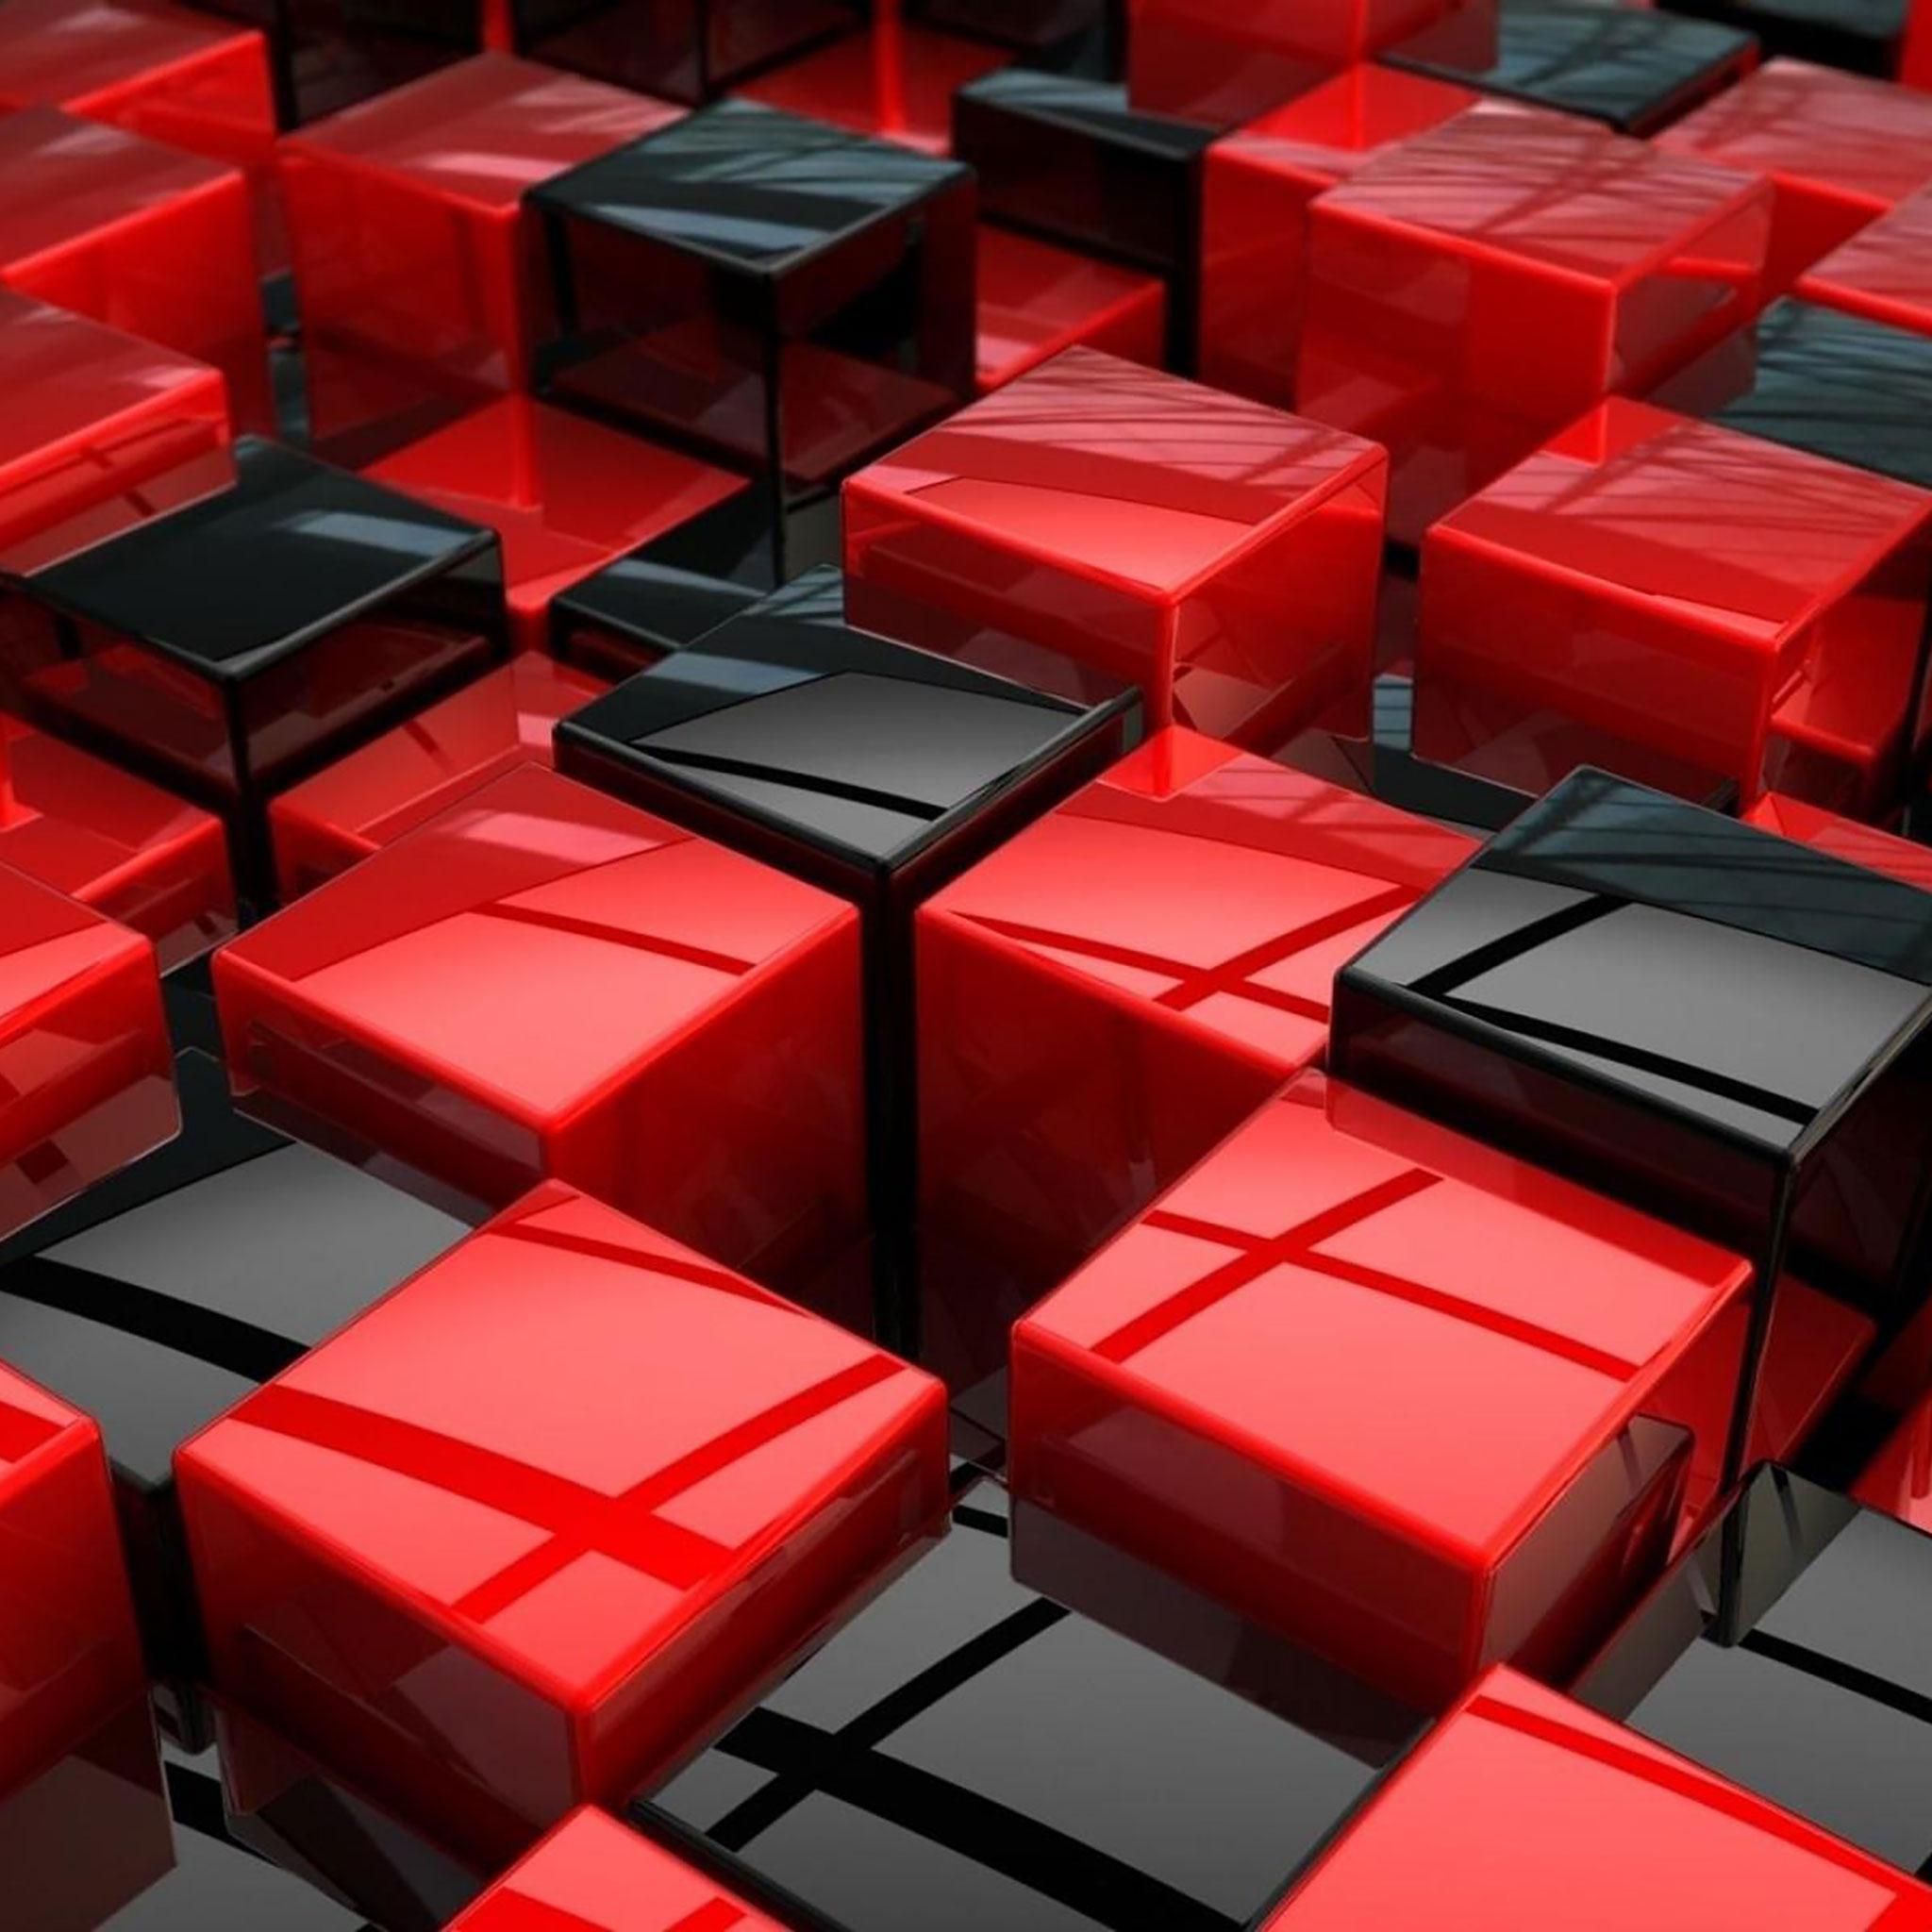 Black Cubes - 2048x2048 Wallpaper ...